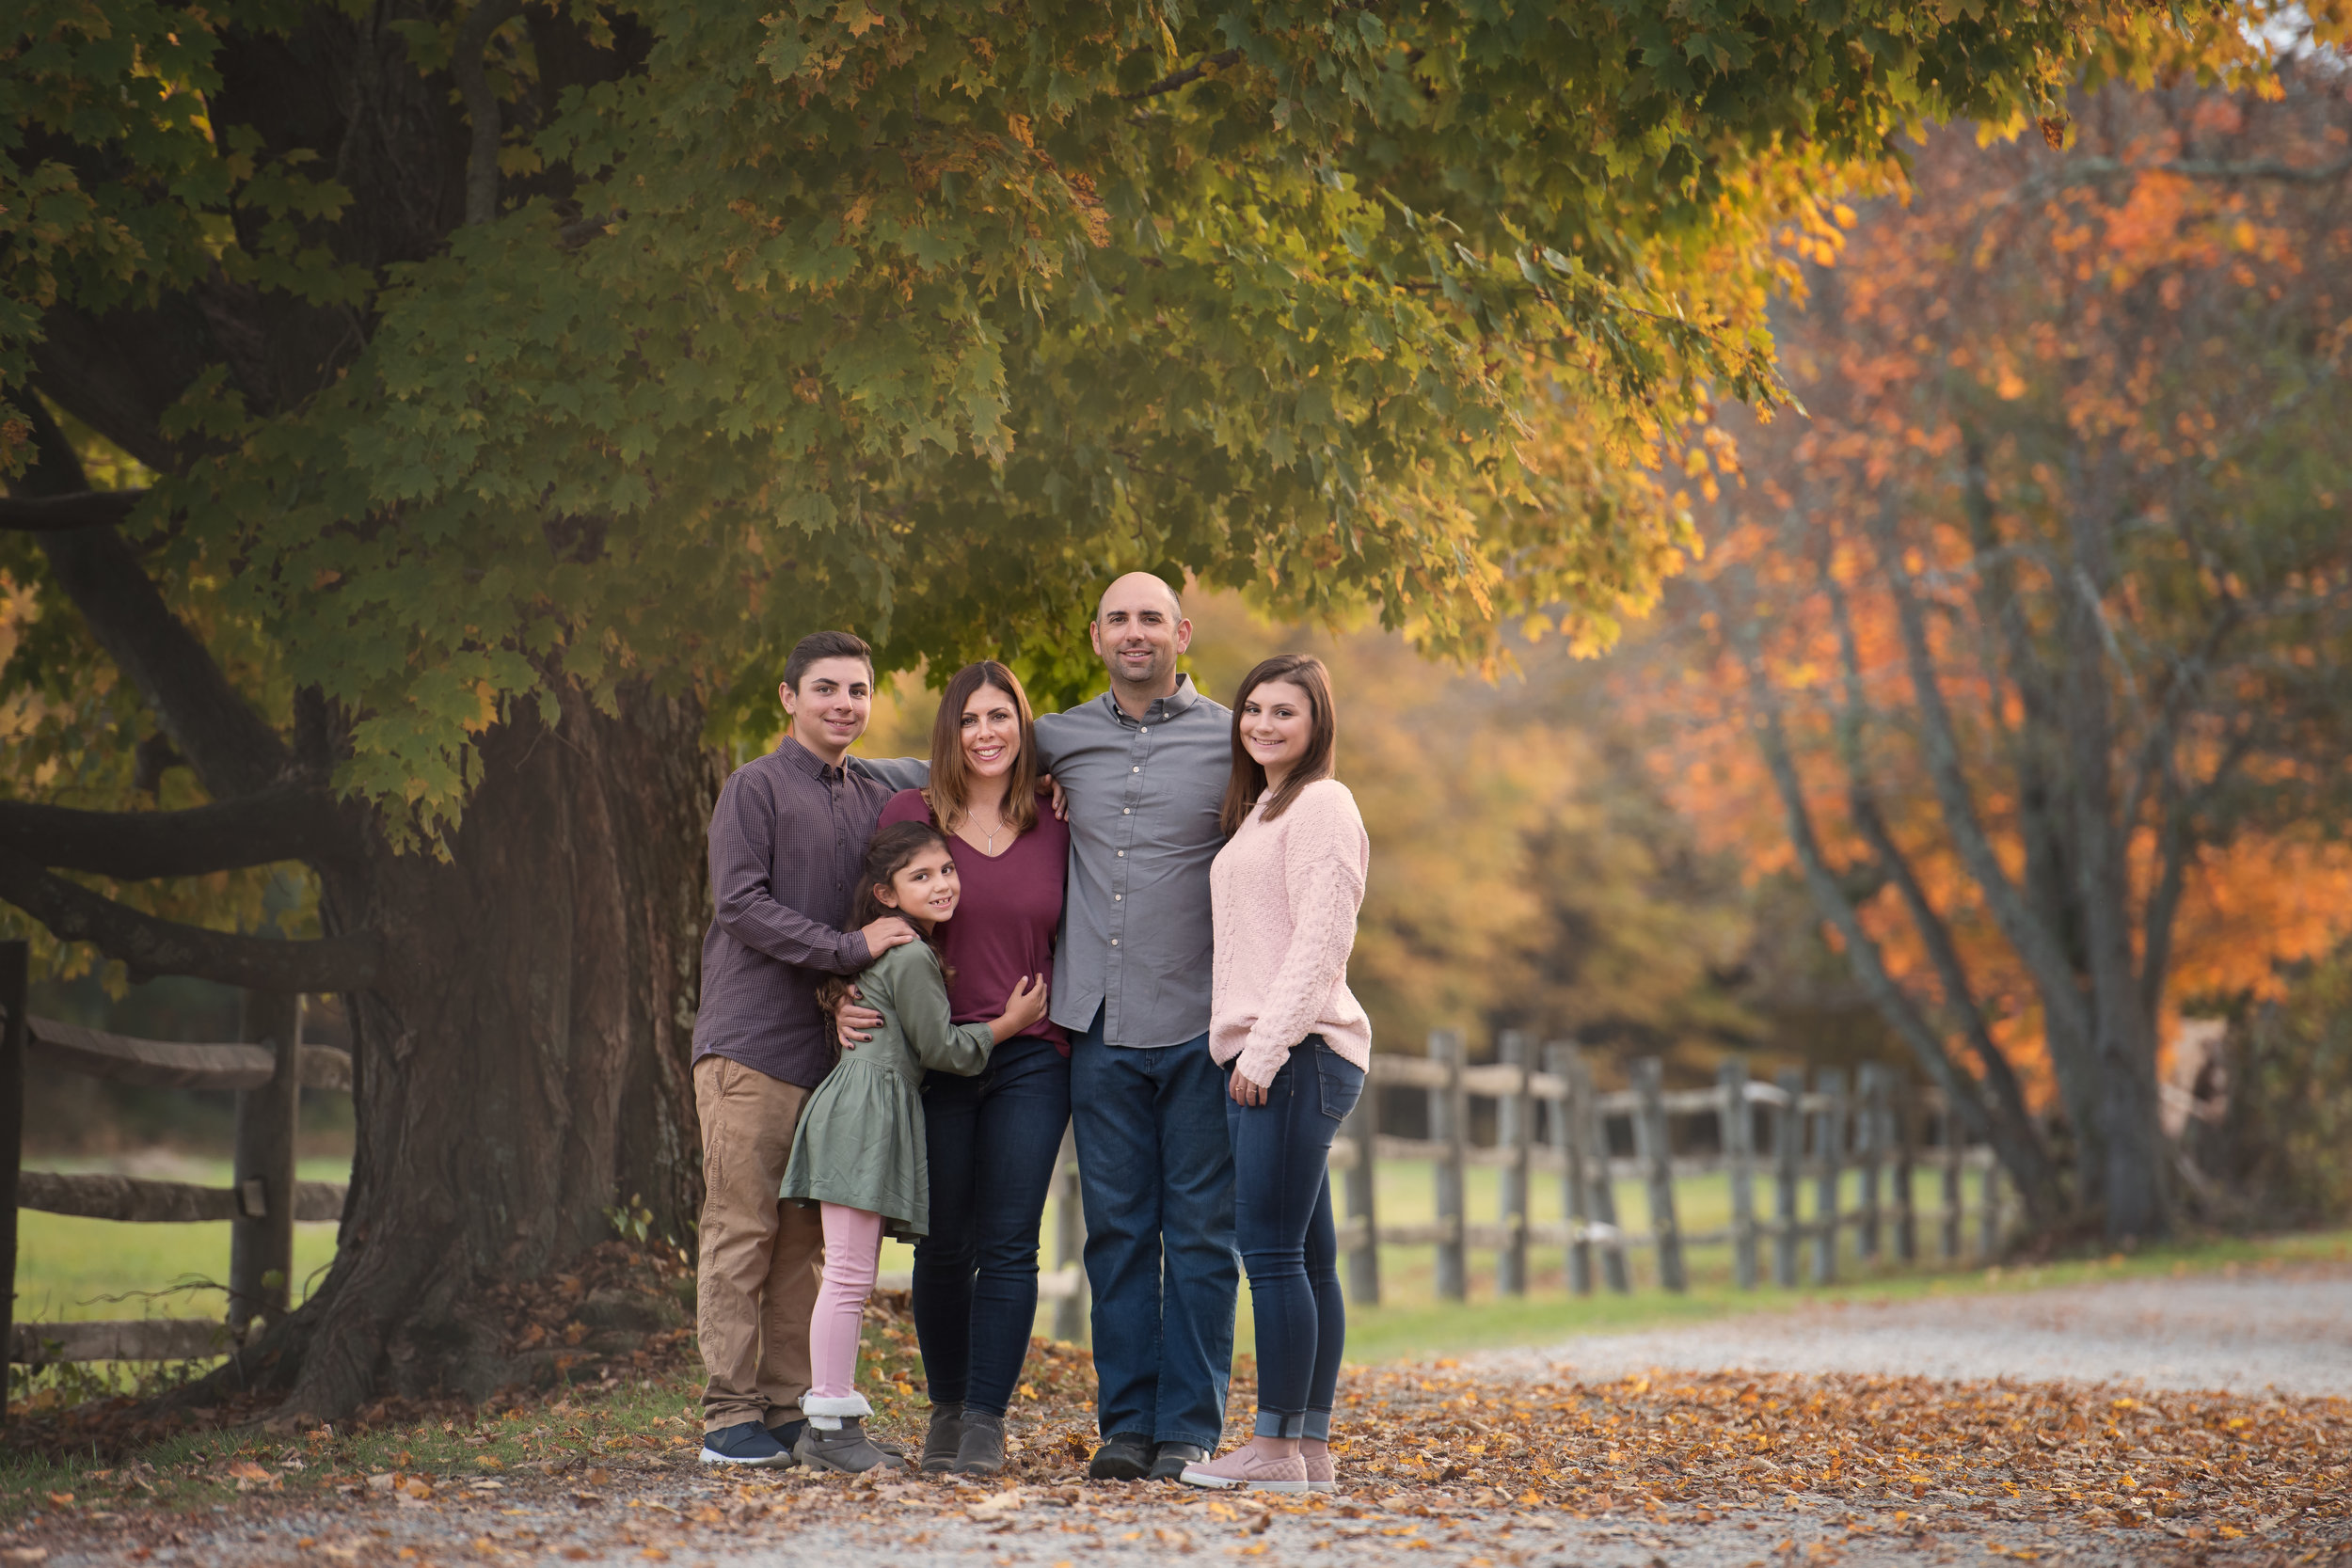 Family Photo with Fall Tree